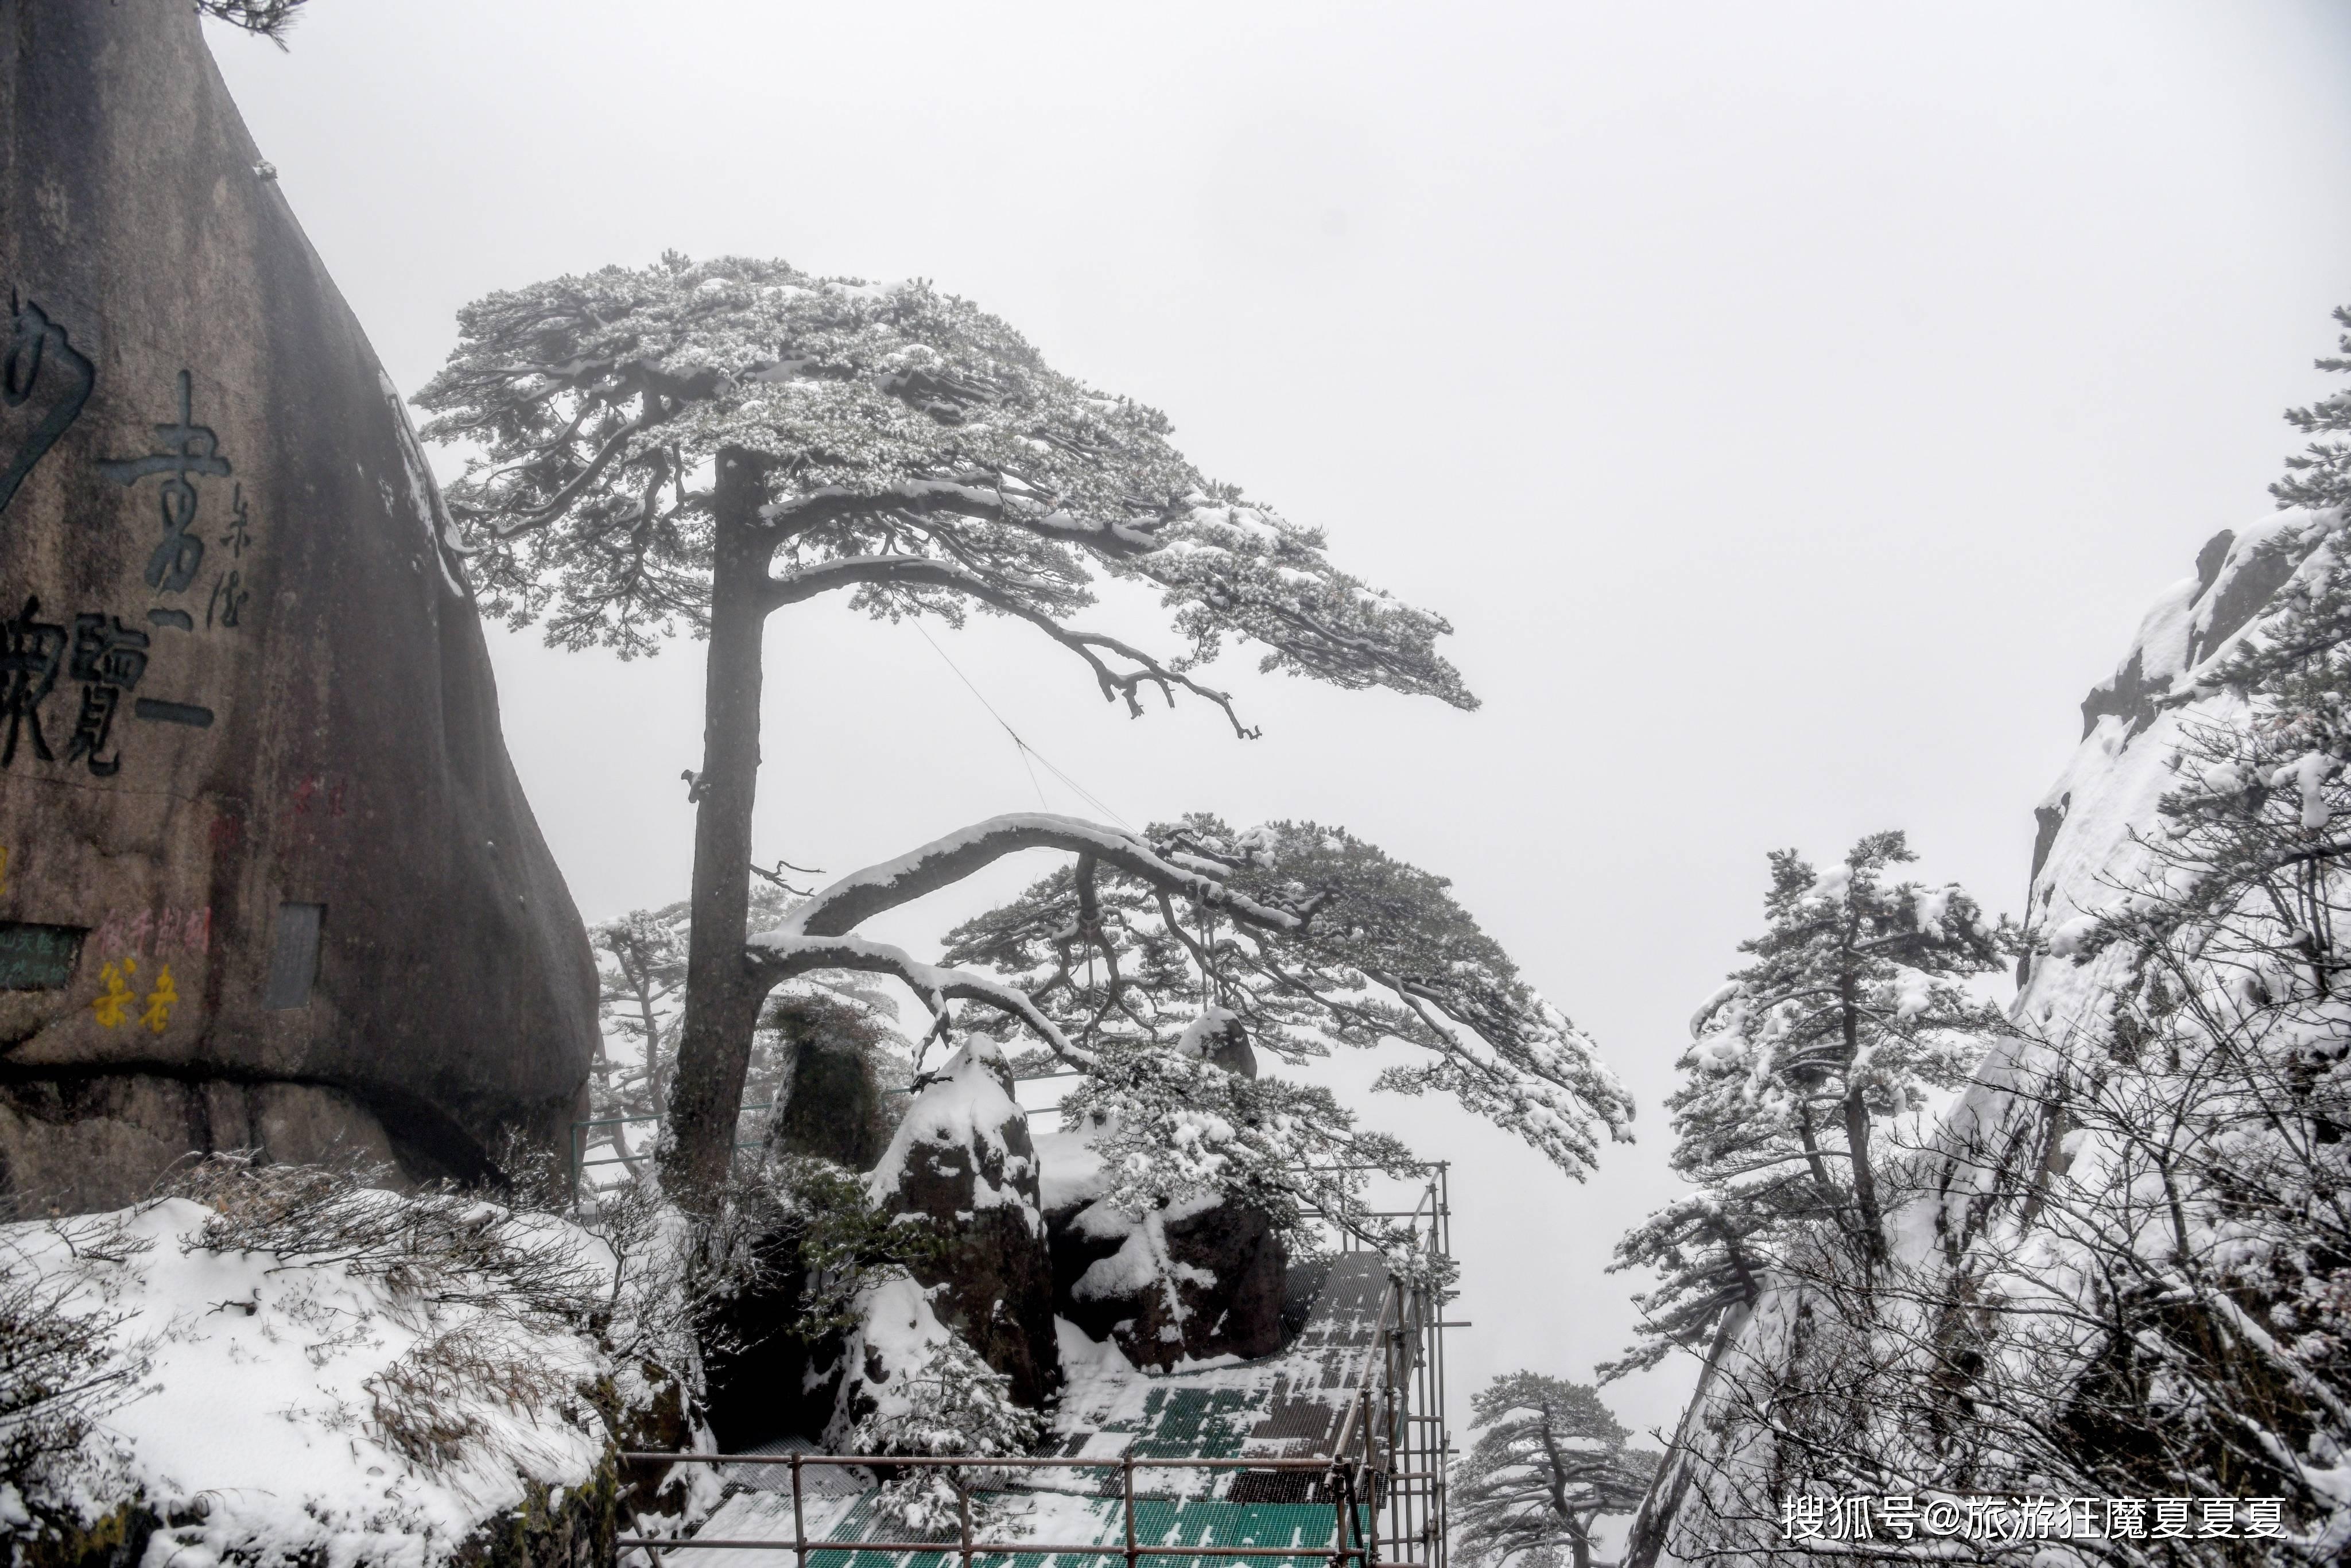 """一棵树竟专门配备了""""警卫""""?树龄已超千年,堪称中外友谊的象征"""